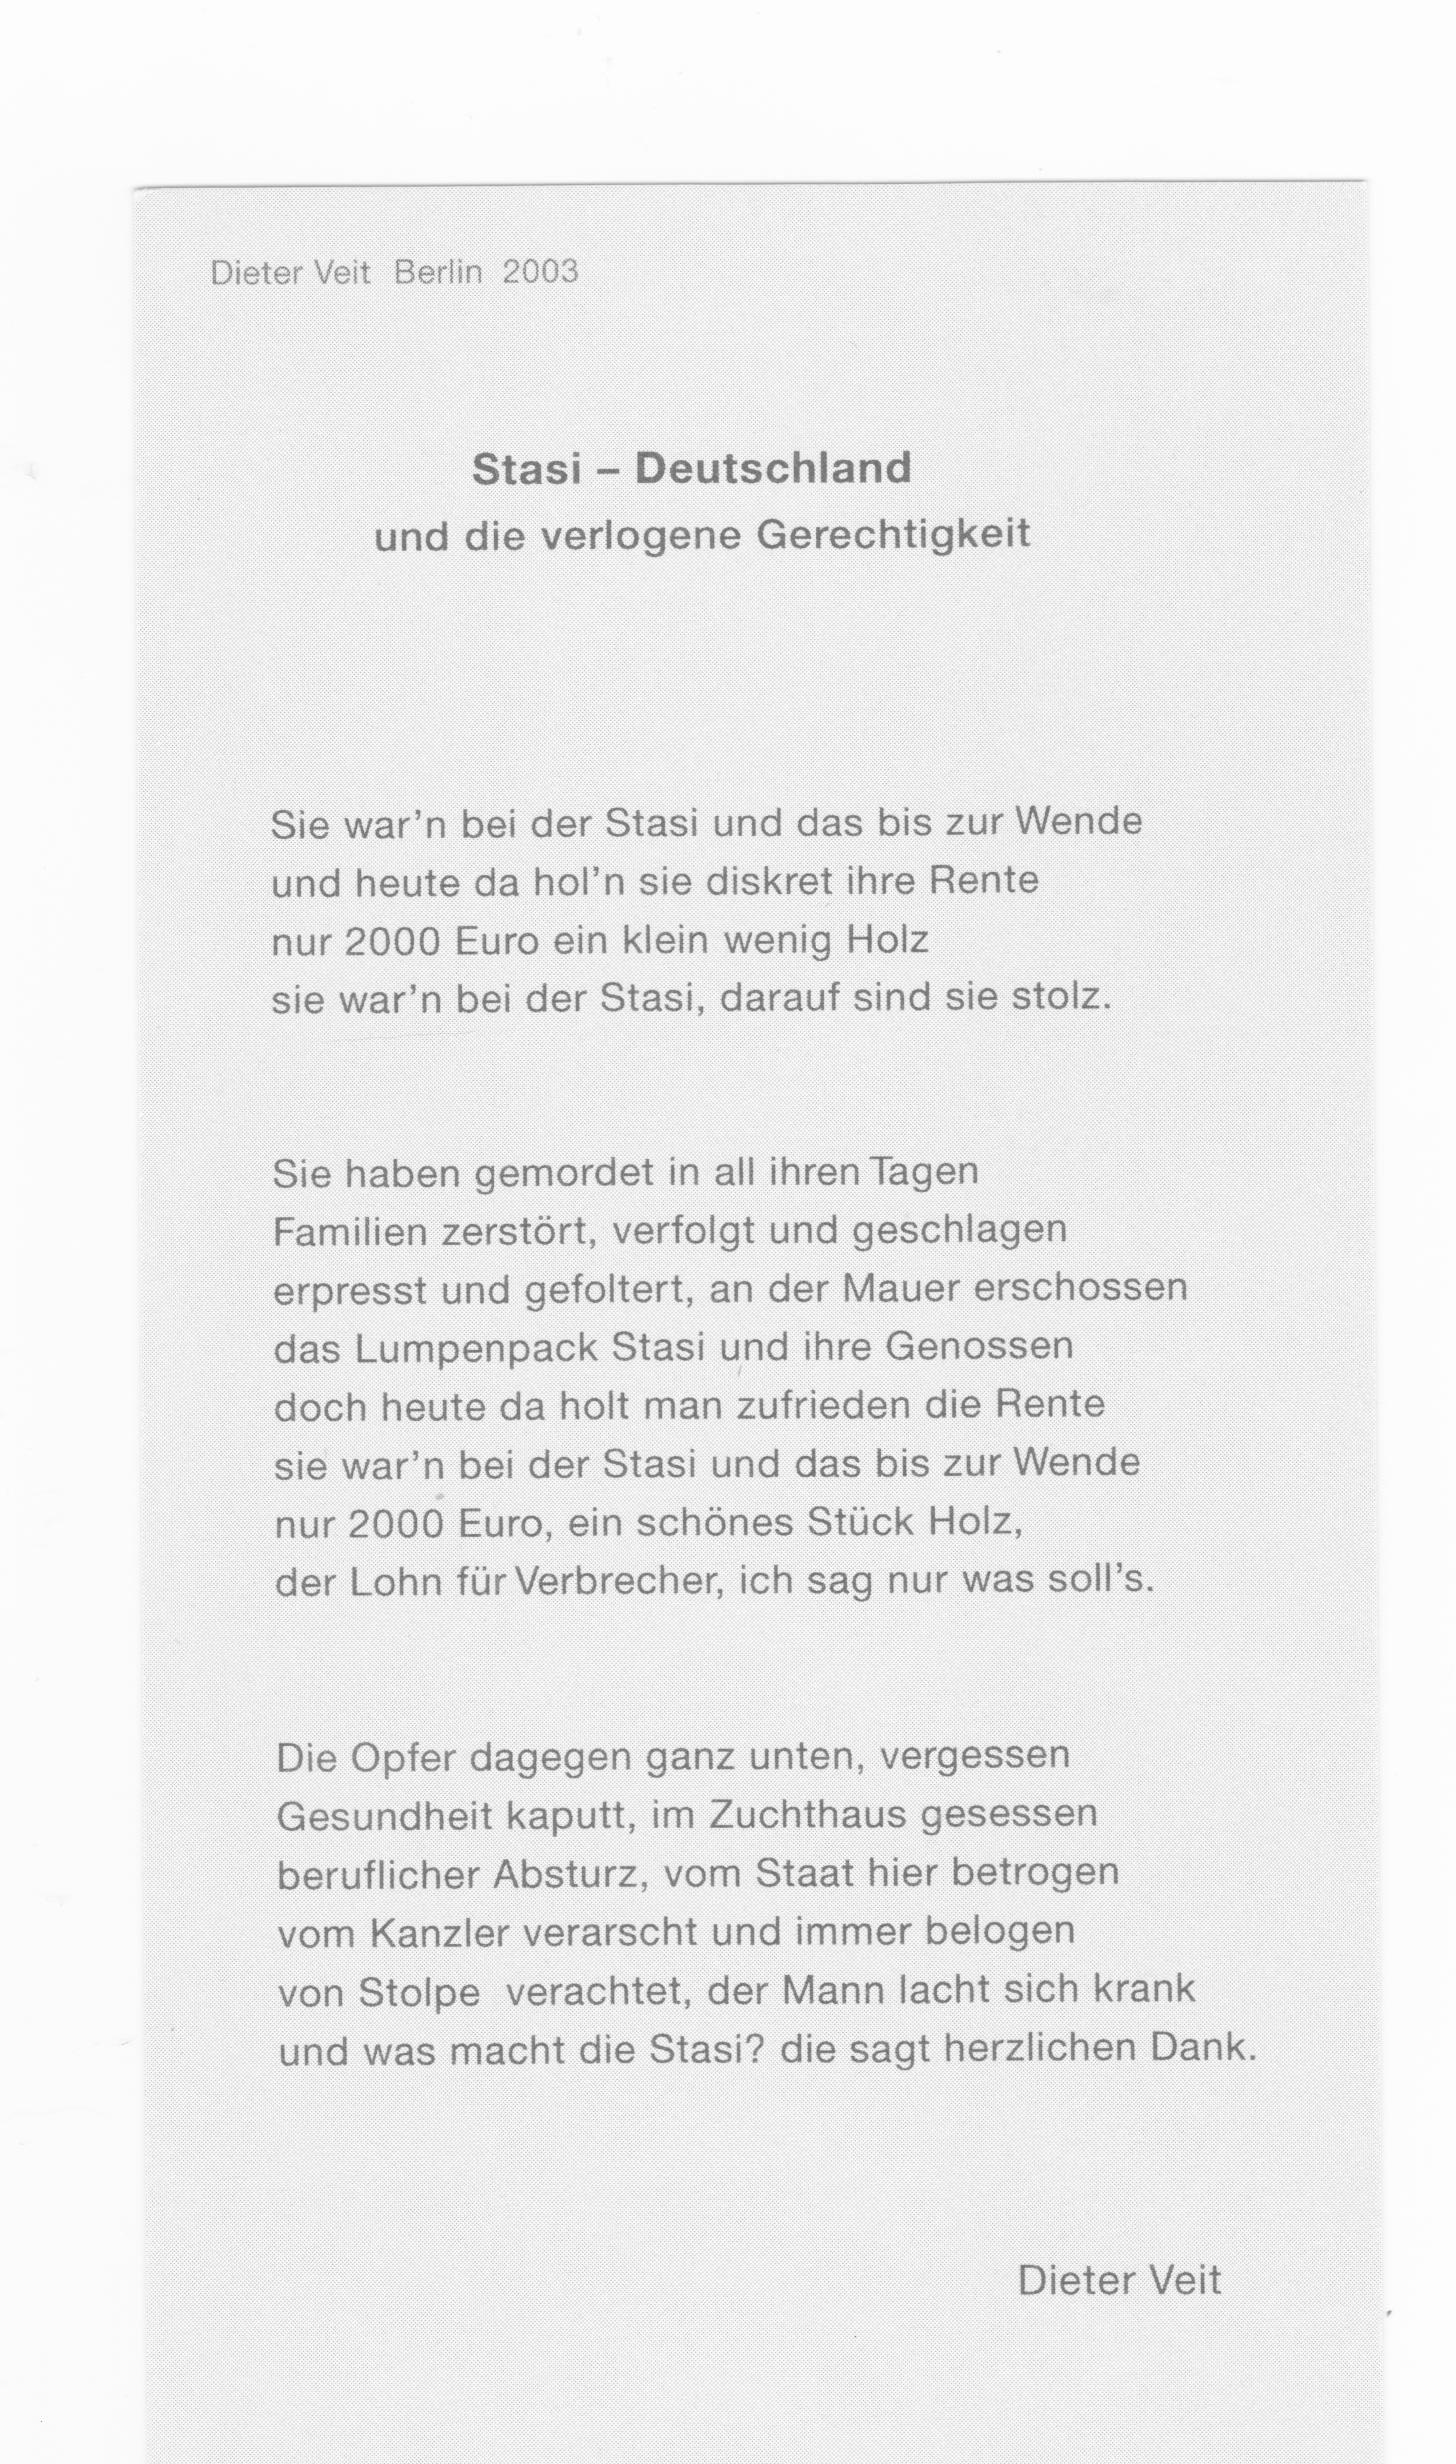 Pippi Langstrumpf Akkorde Einzigartig Text Beileidskarte Neu Herzliches Beileid Karte Schreiben Galerie